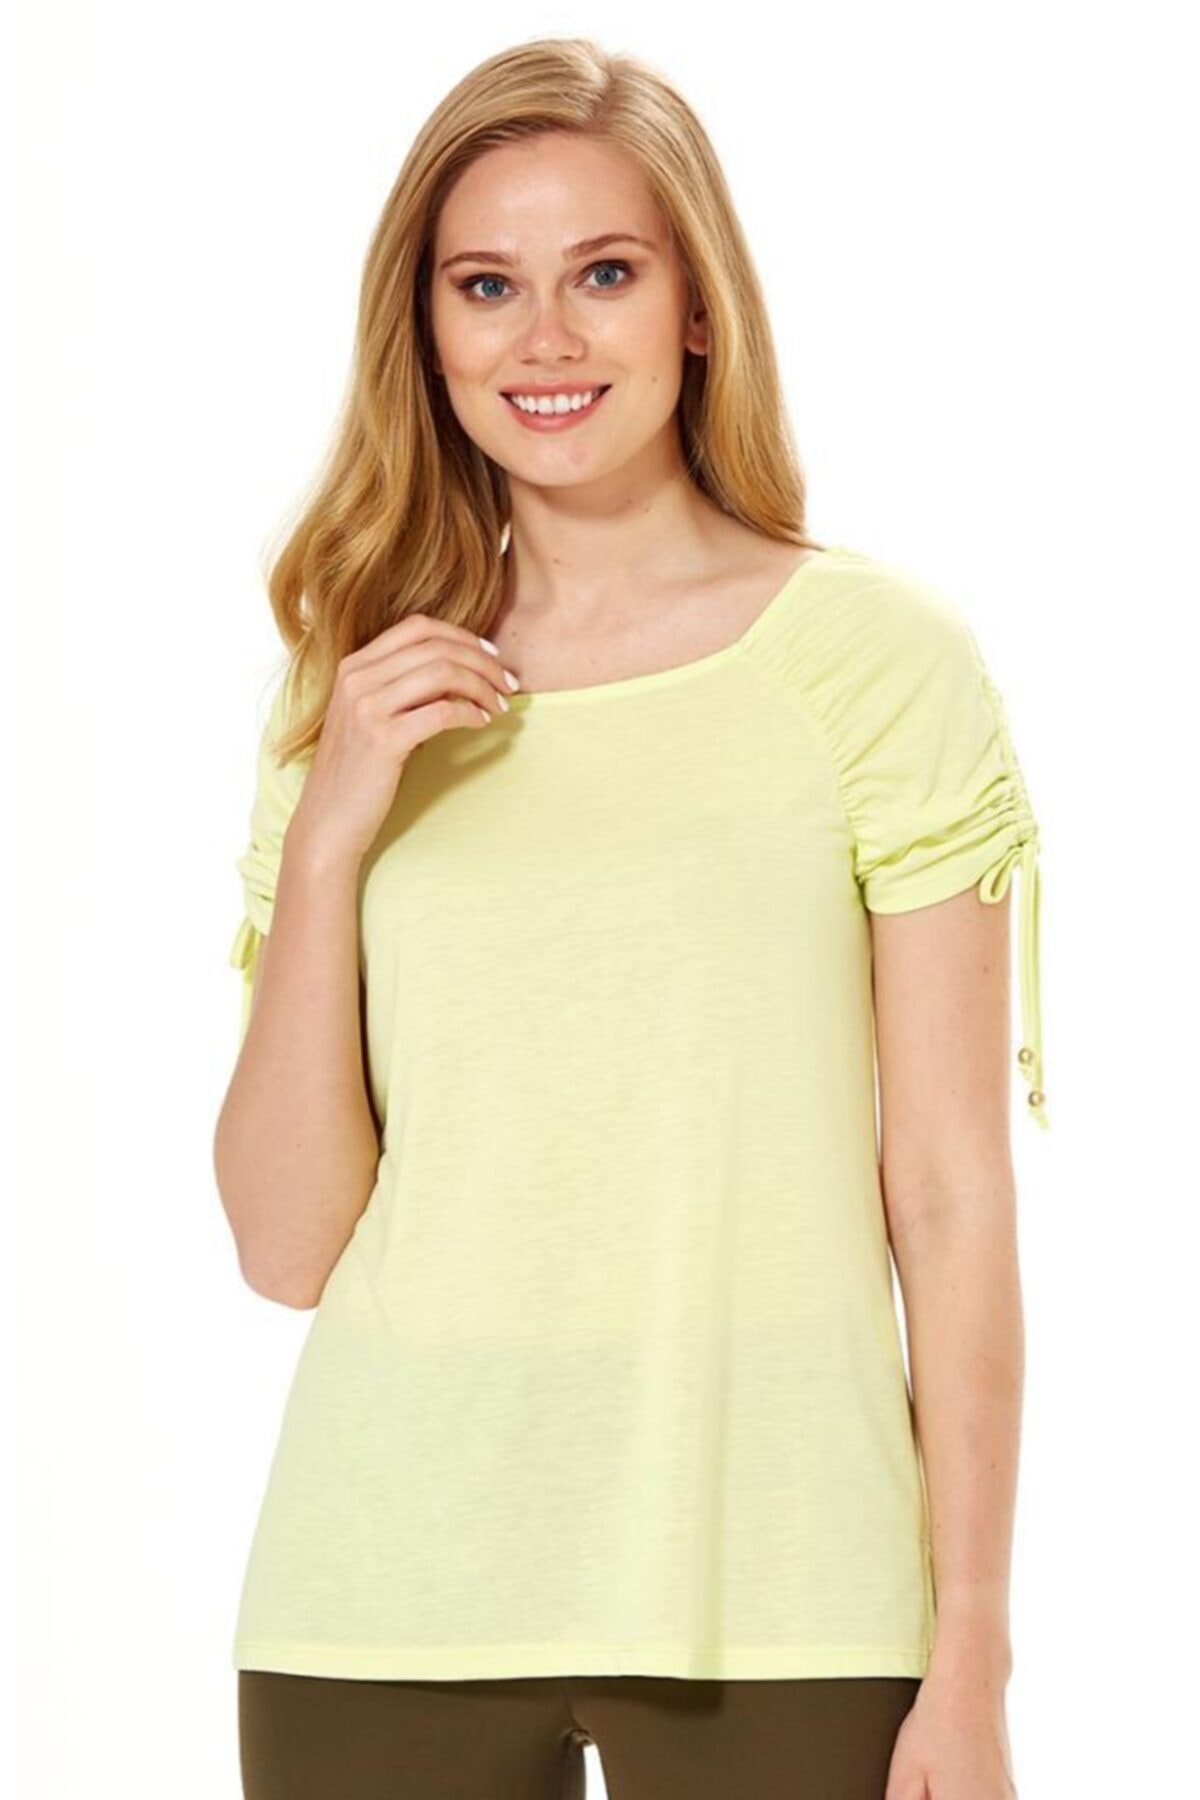 İKİLER Kadın Açık Fıstık Yeşil Kolu Büzgülü Bağcıklı Bluz 018-1204 1